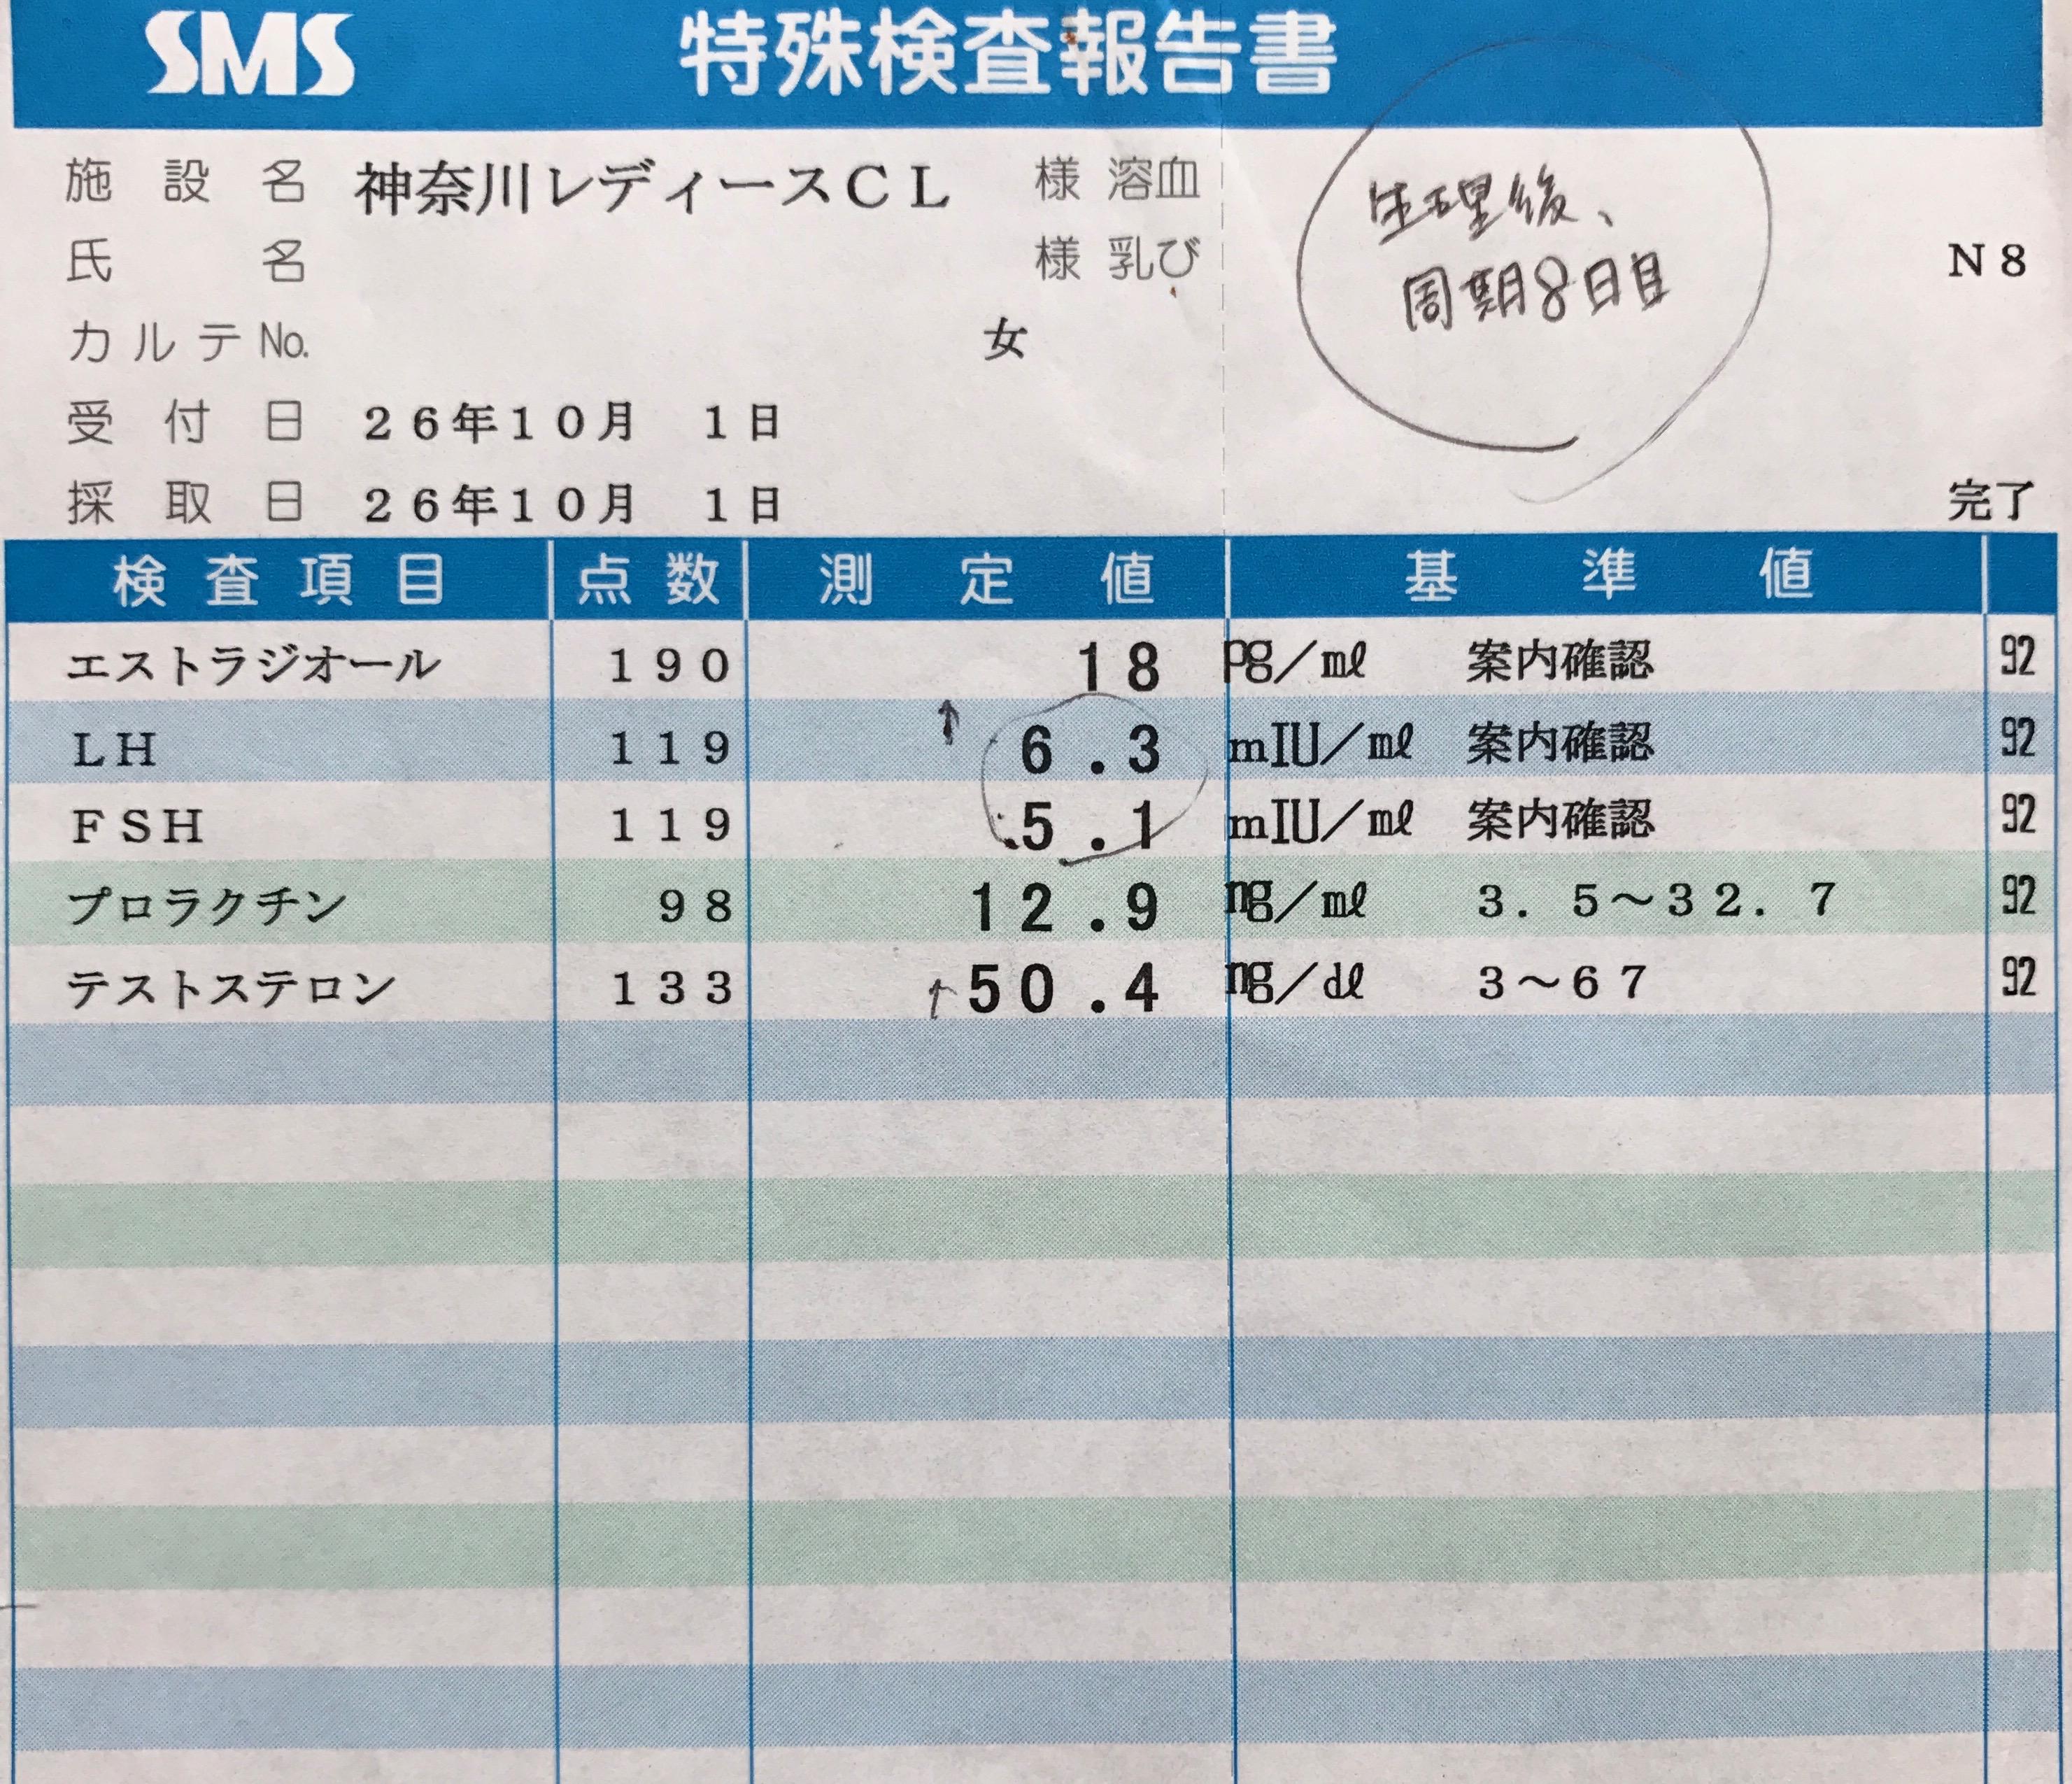 血液ホルモン値検査結果